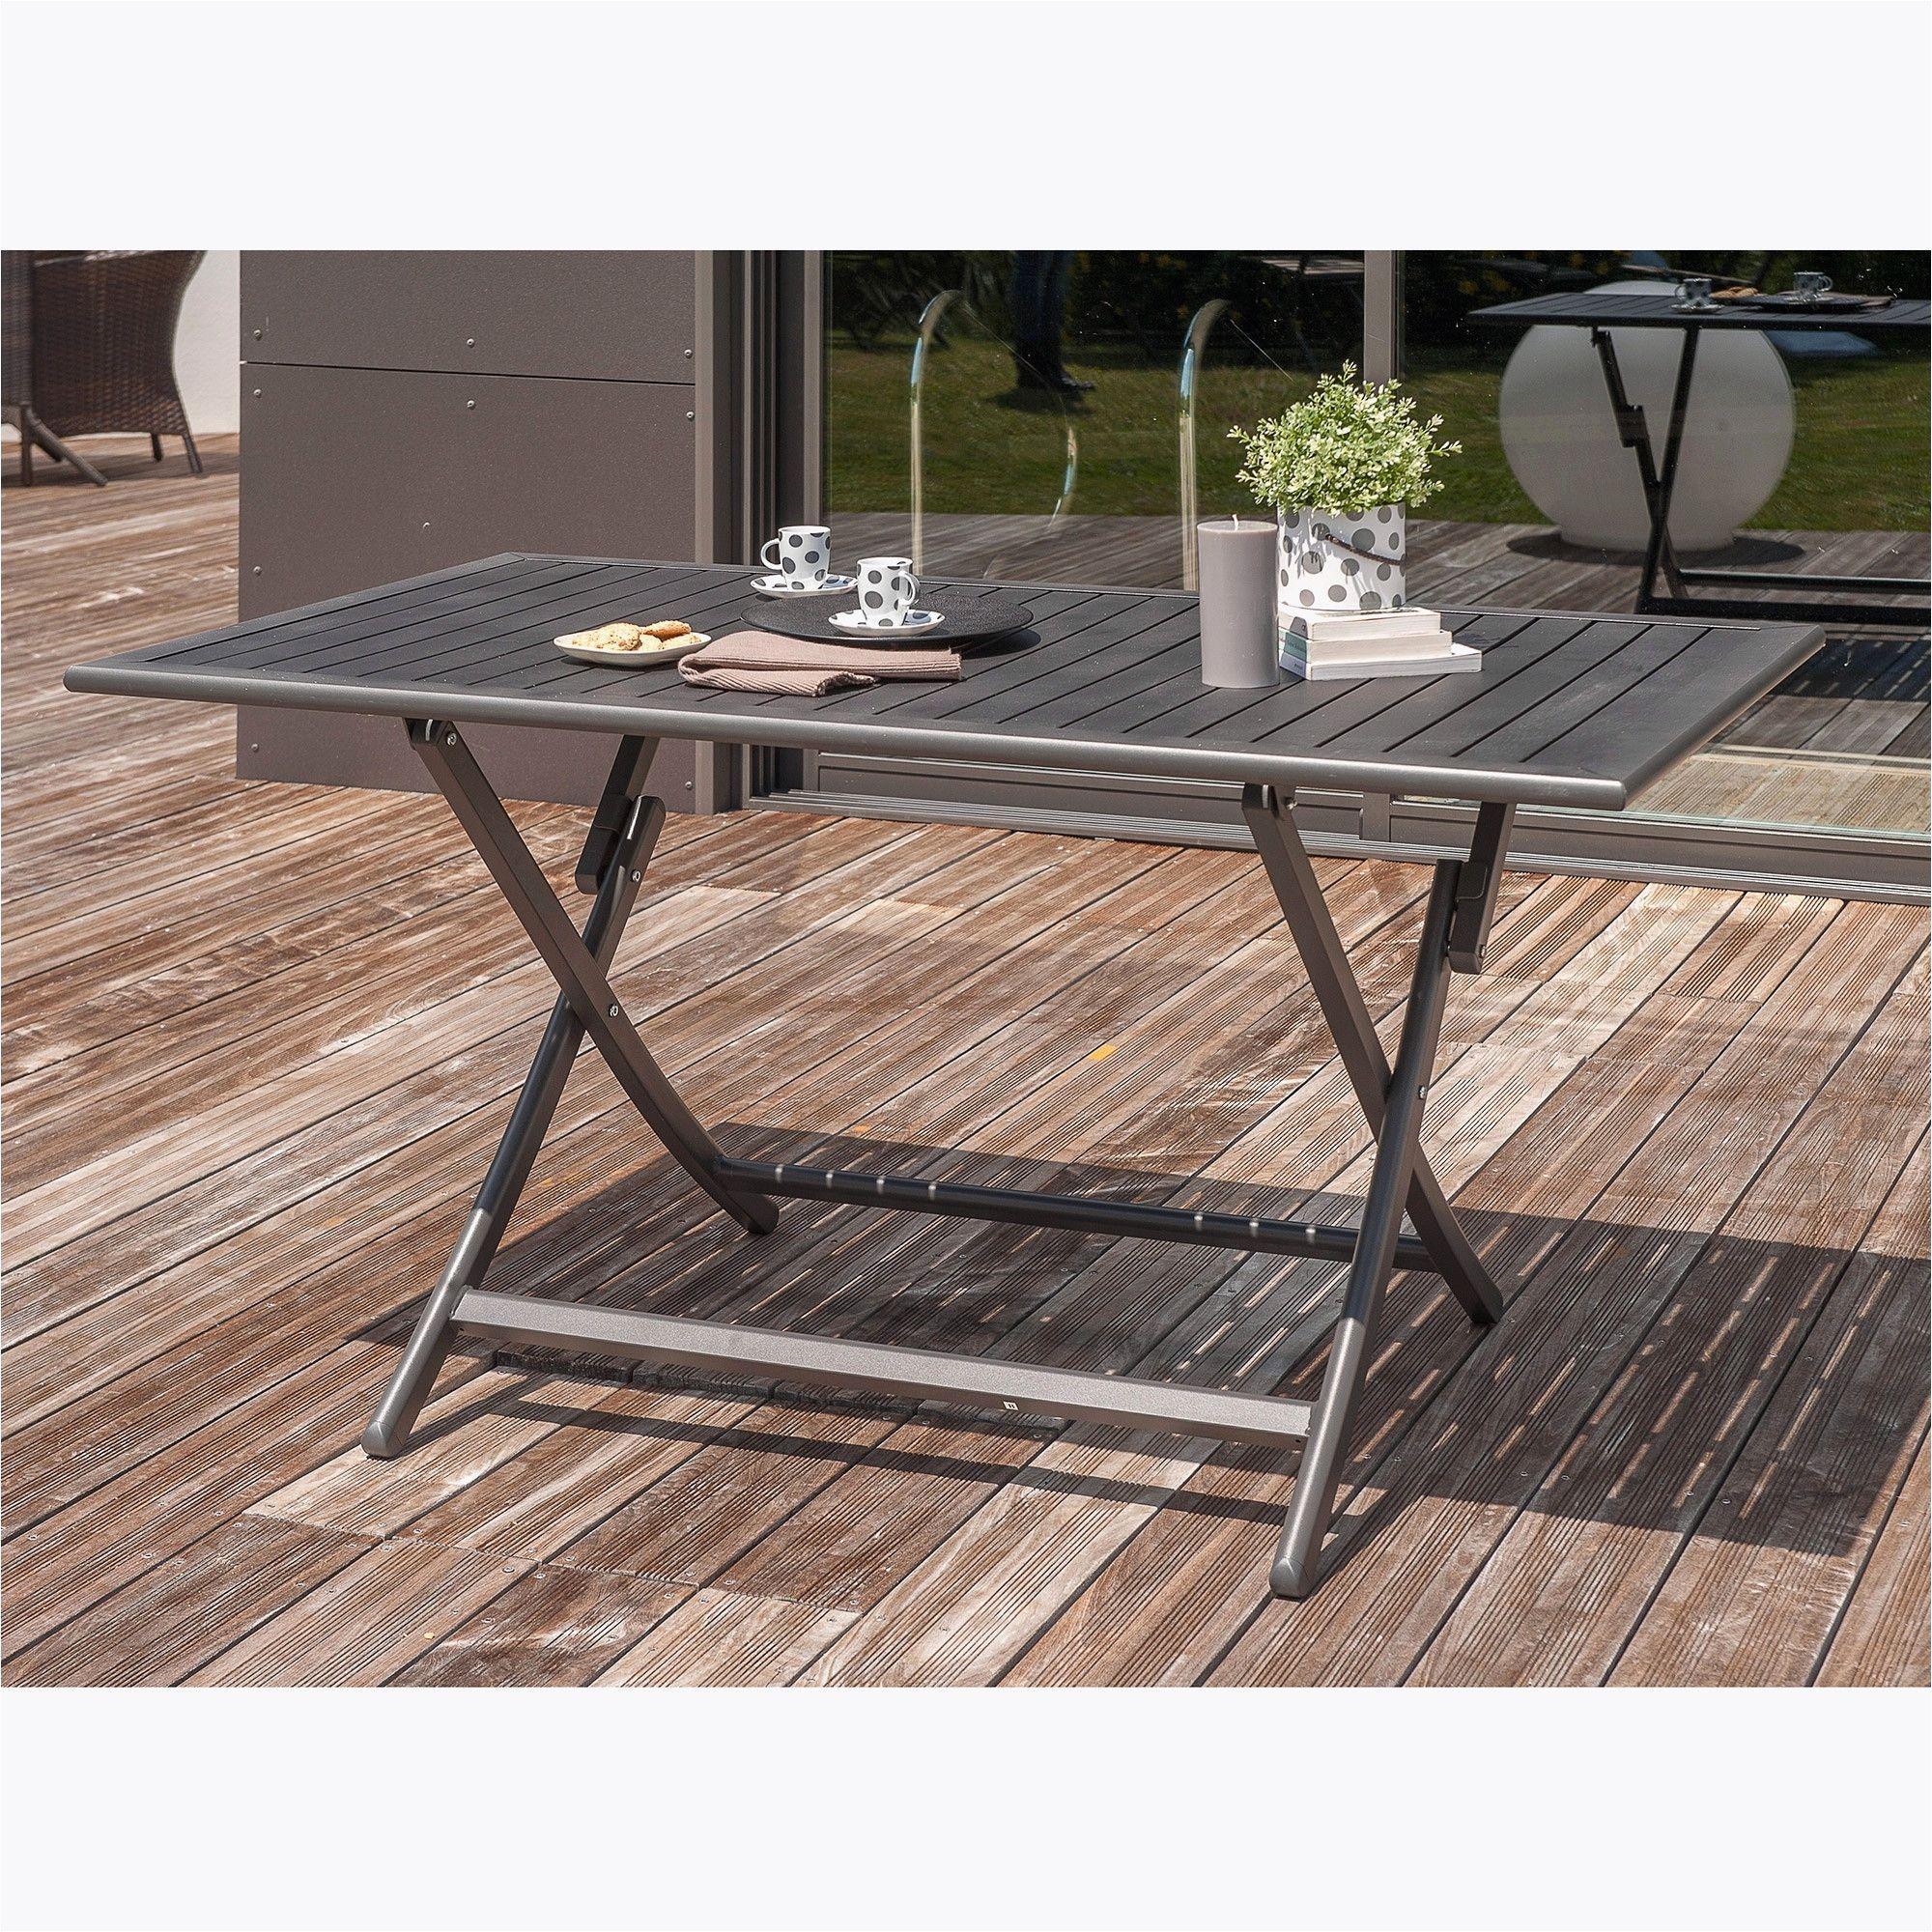 Table De Terrasse Pliante Best Of Table Pliante Leclerc Beau S Leclerc Table De Jardin